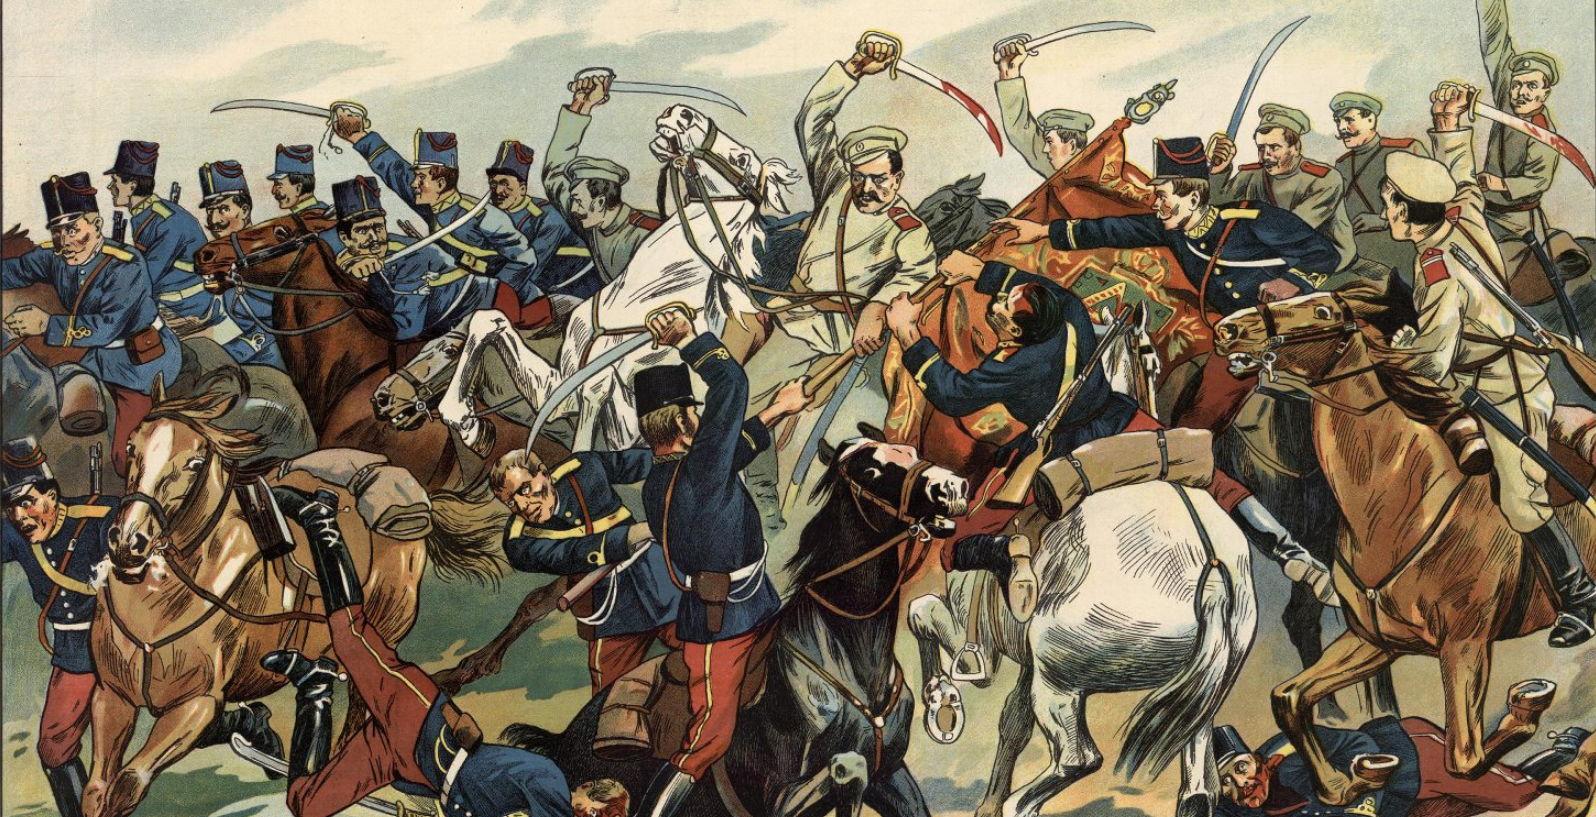 Великая Европейская война. Геройский подвиг унтер-офицера Аввакума Волкова, взявшего австрийское знамя